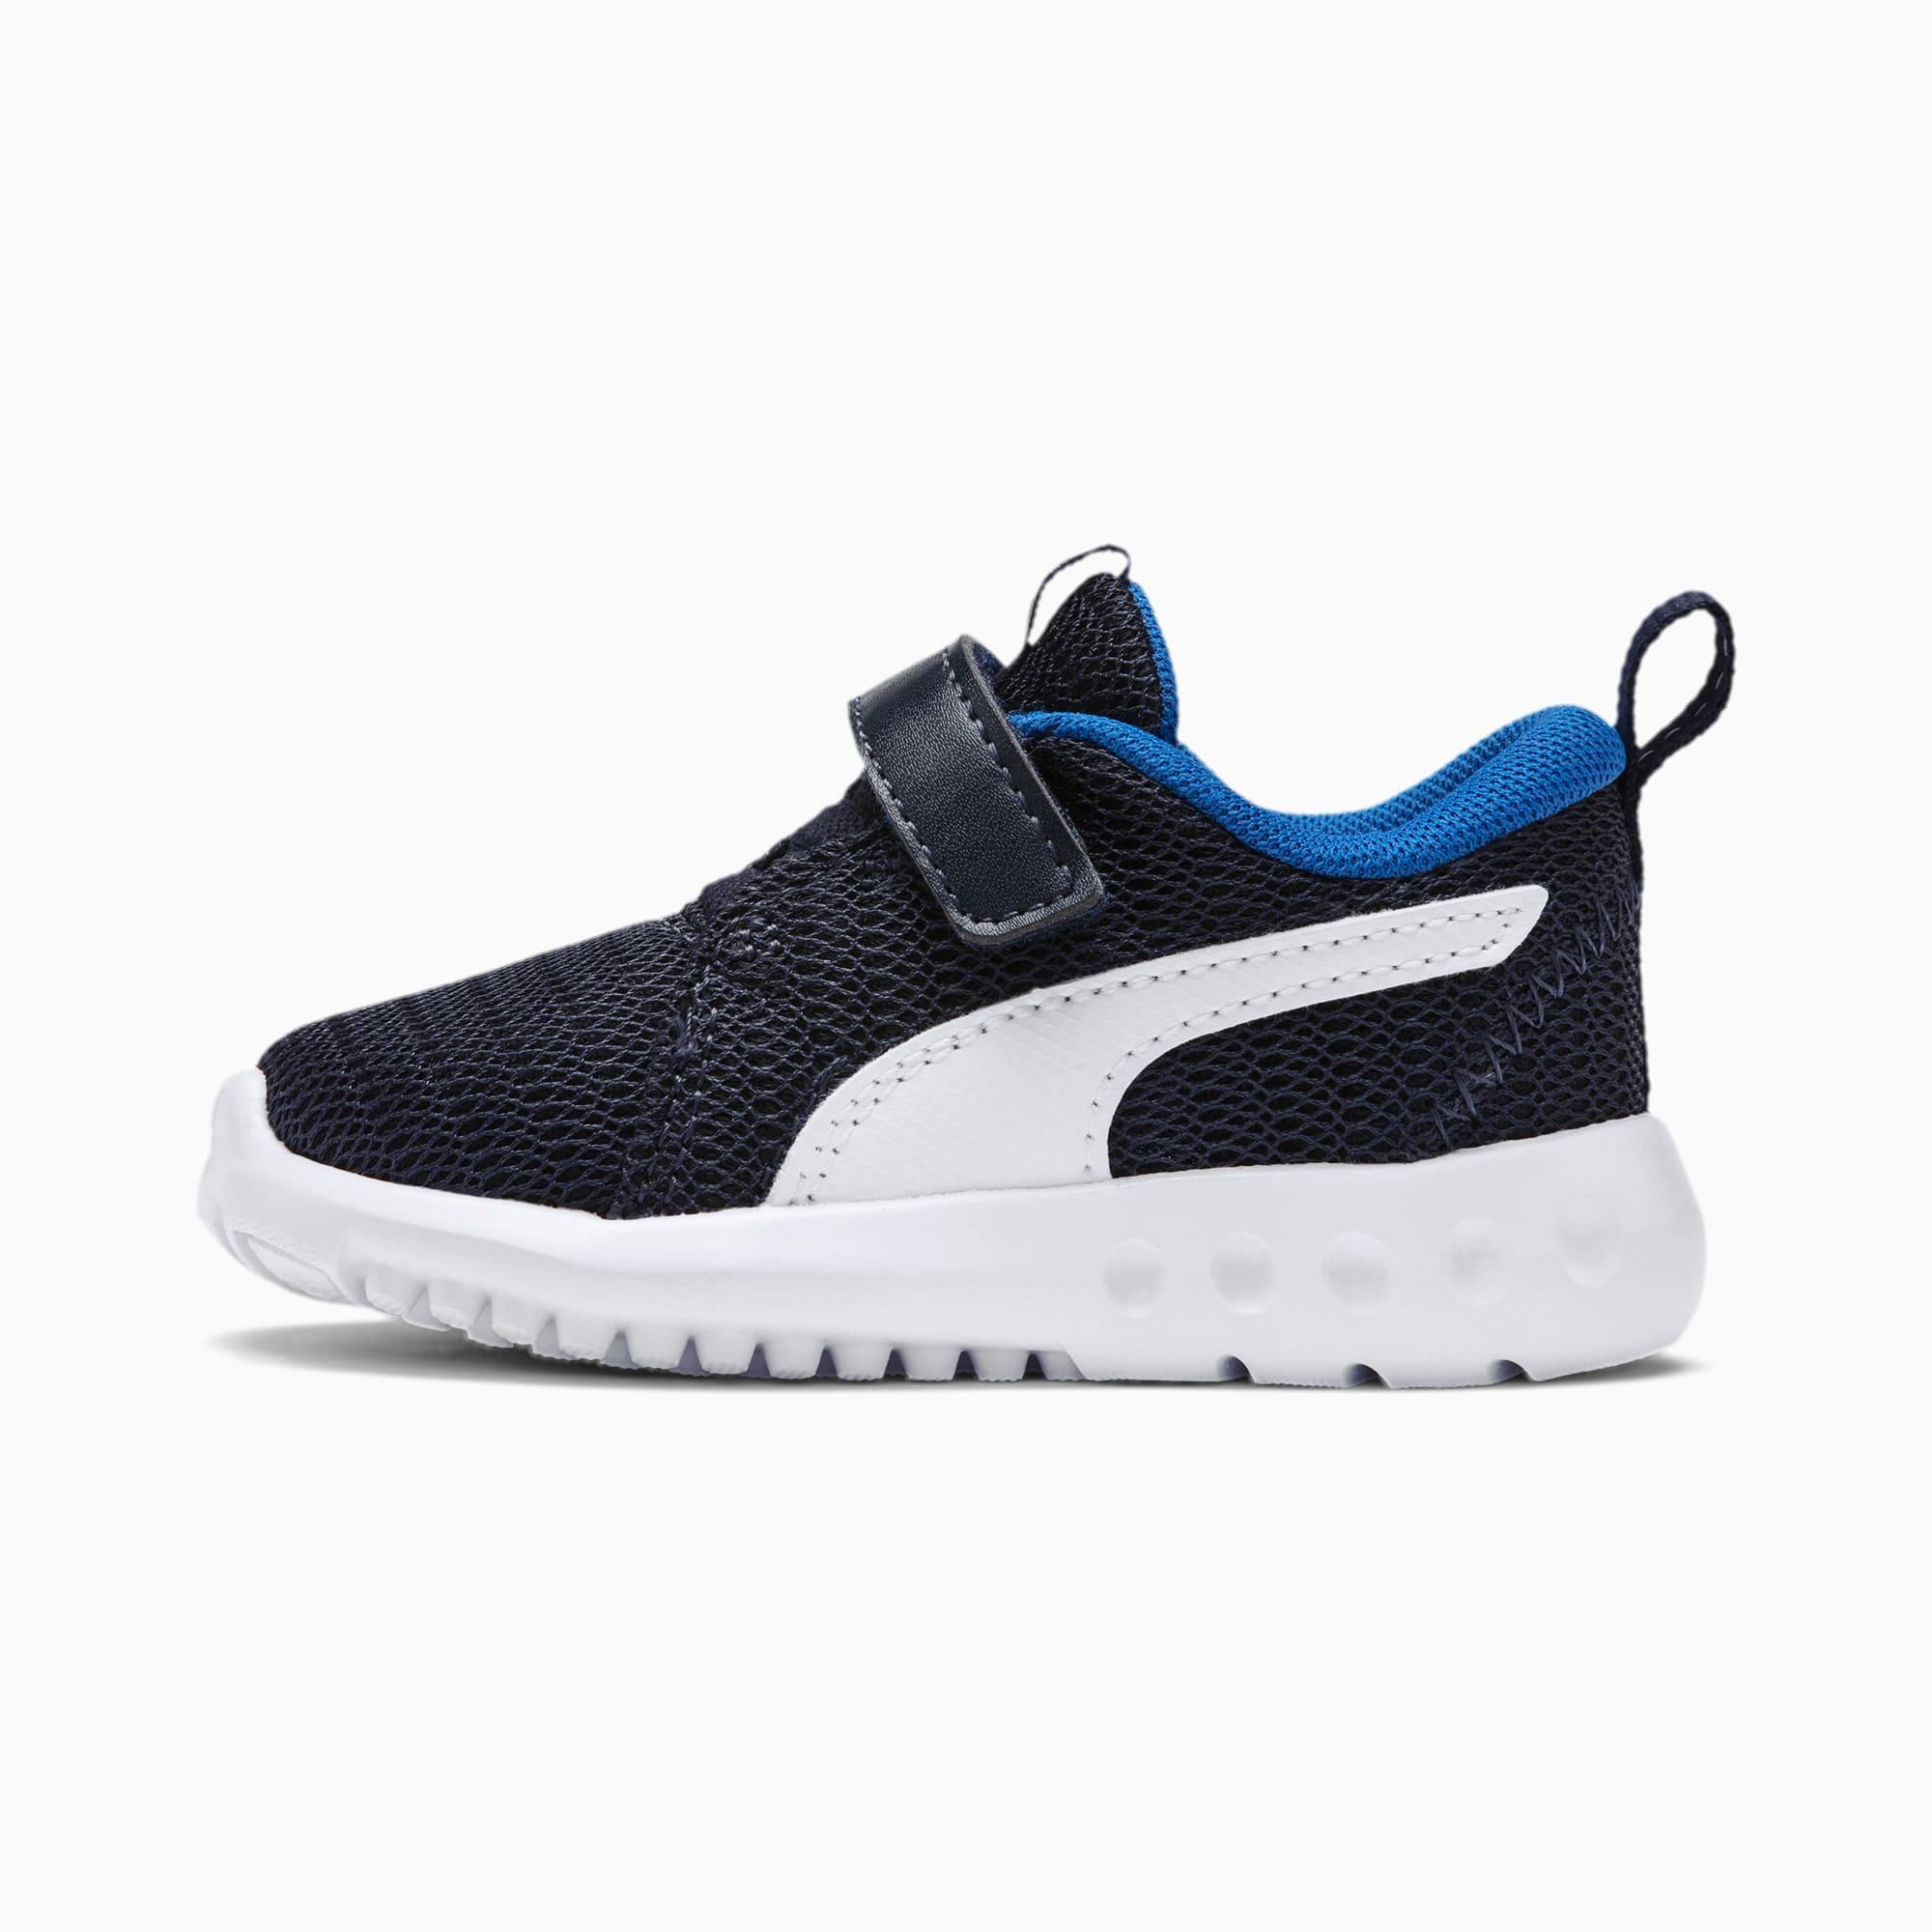 chaussure basket carson 2 v pour bébé, bleu/blanc, taille 19, chaussures